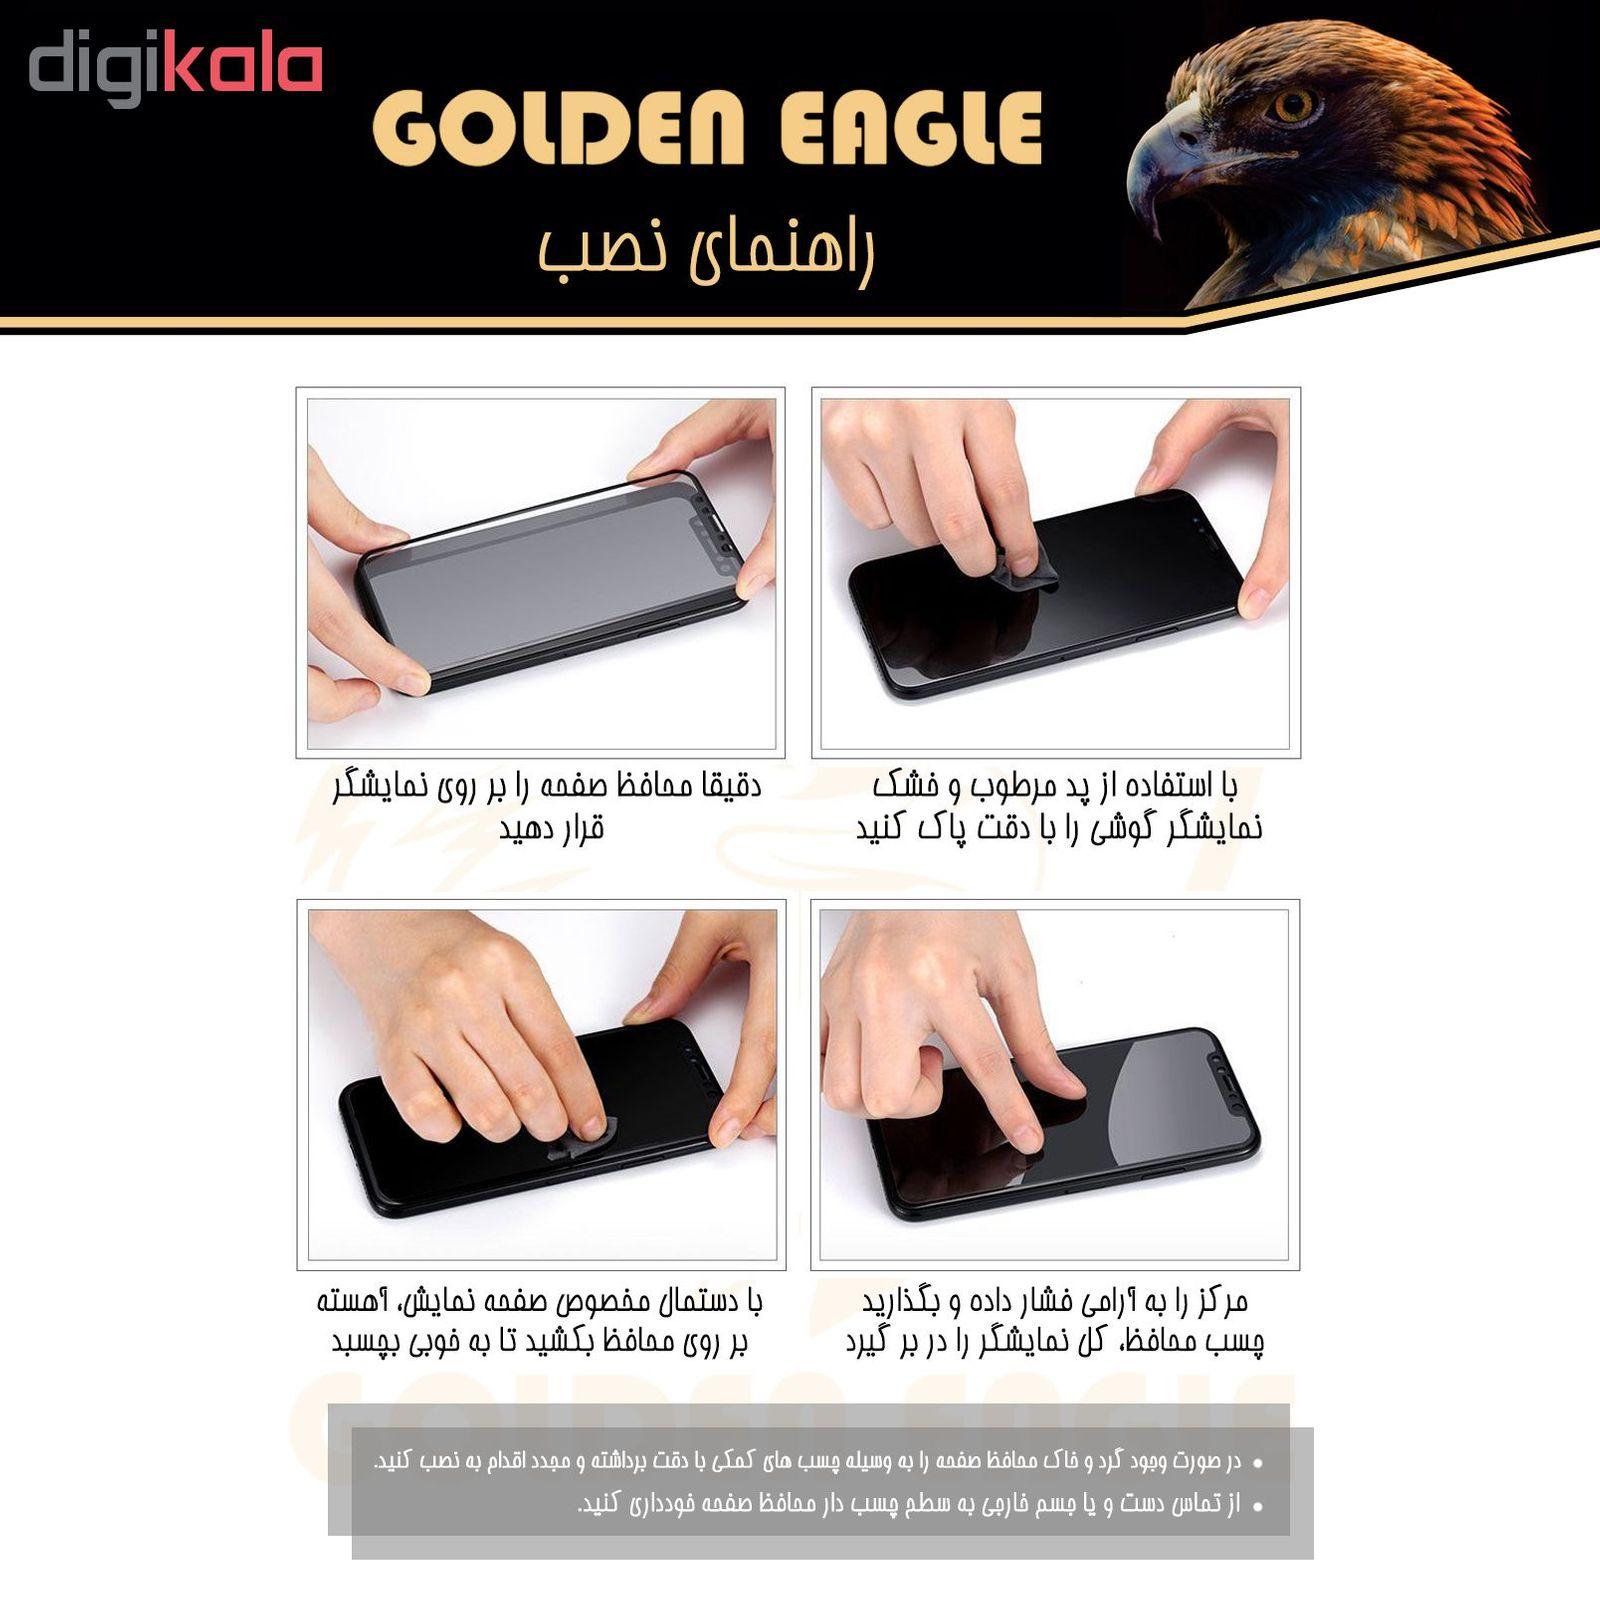 محافظ صفحه نمایش گلدن ایگل مدل DFC-X3 مناسب برای گوشی موبایل سامسونگ Galaxy S9 Plus بسته سه عددی main 1 4